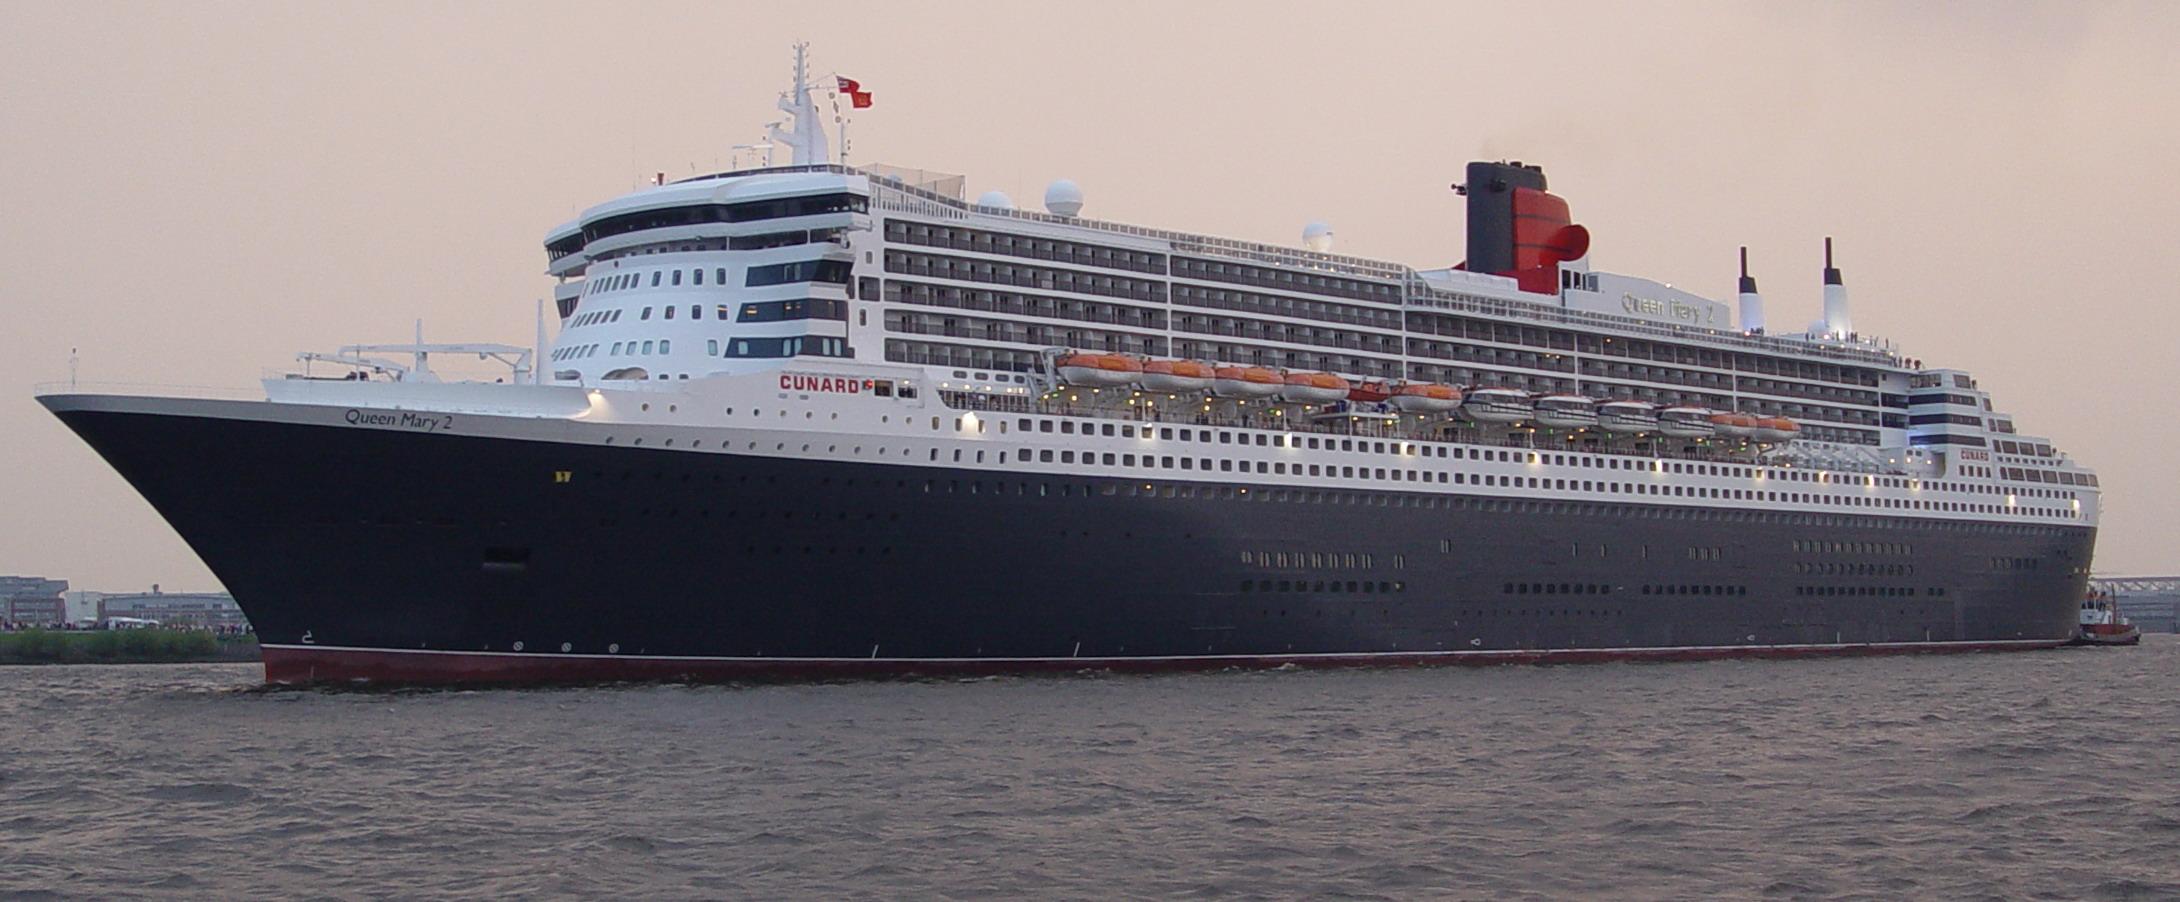 kreuzfahrtschiffe die 39 queen mary 2 39. Black Bedroom Furniture Sets. Home Design Ideas